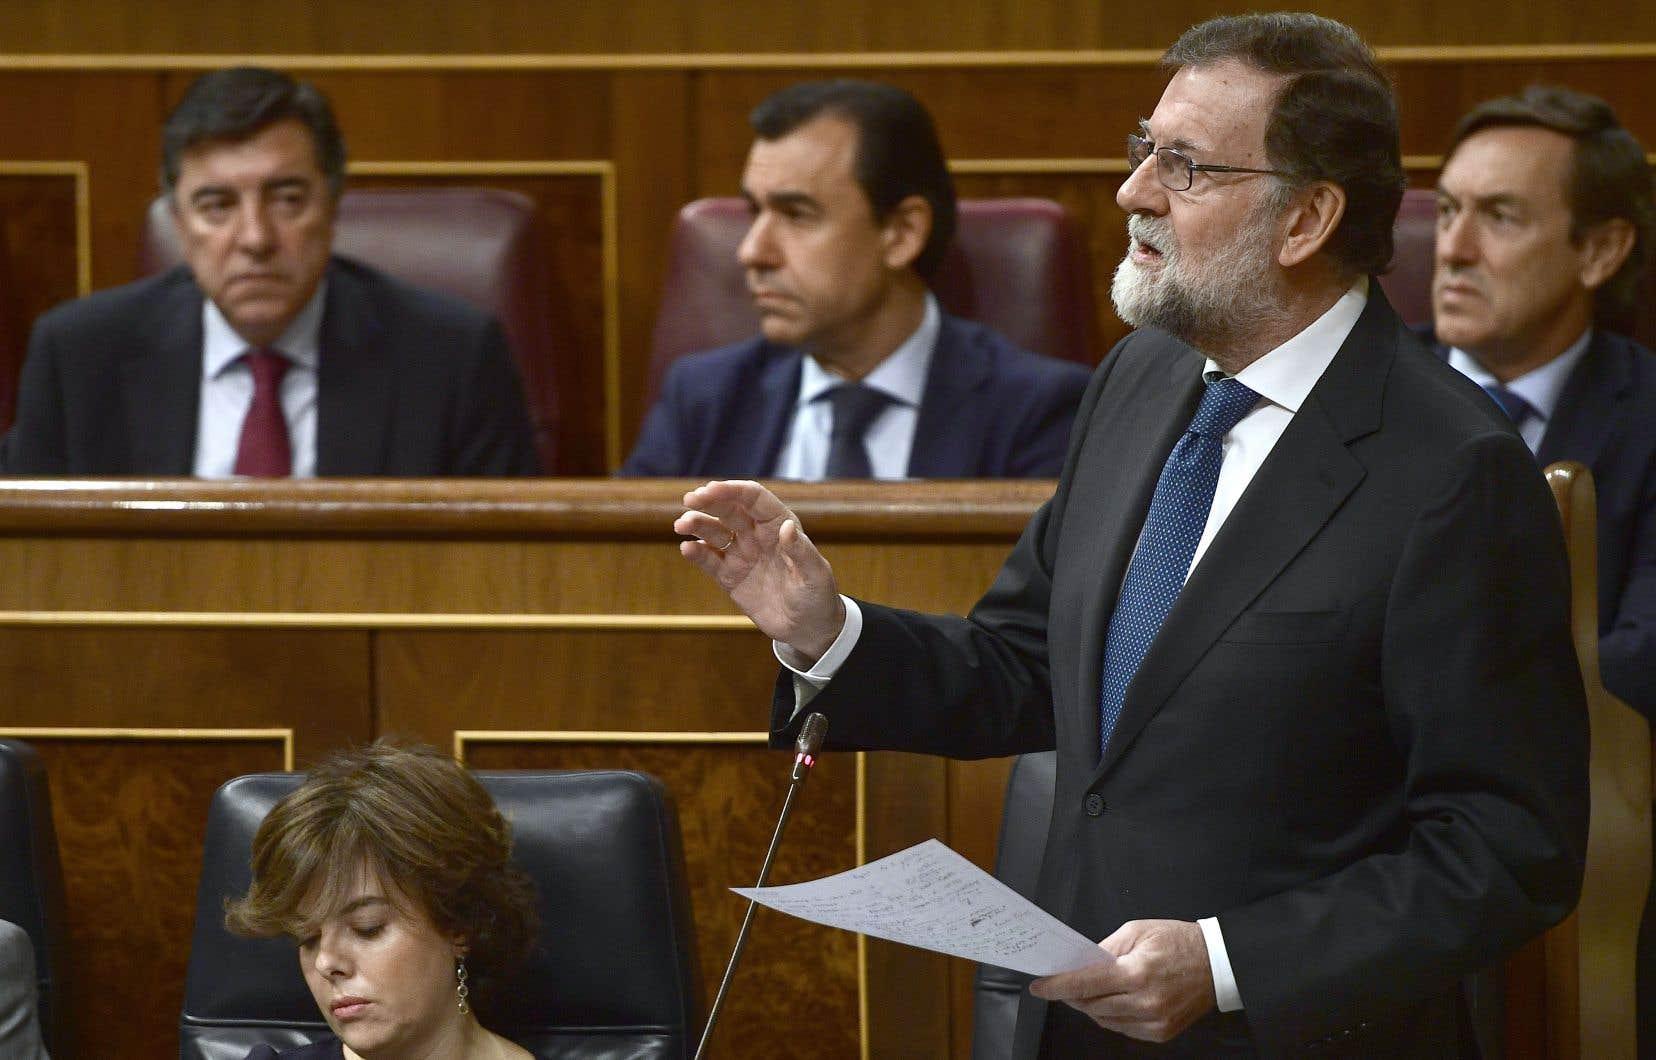 Le président espagnol, Mariano Rajoy, exige notamment une déclaration formelle du président catalan écartant toute déclaration d'indépendance.